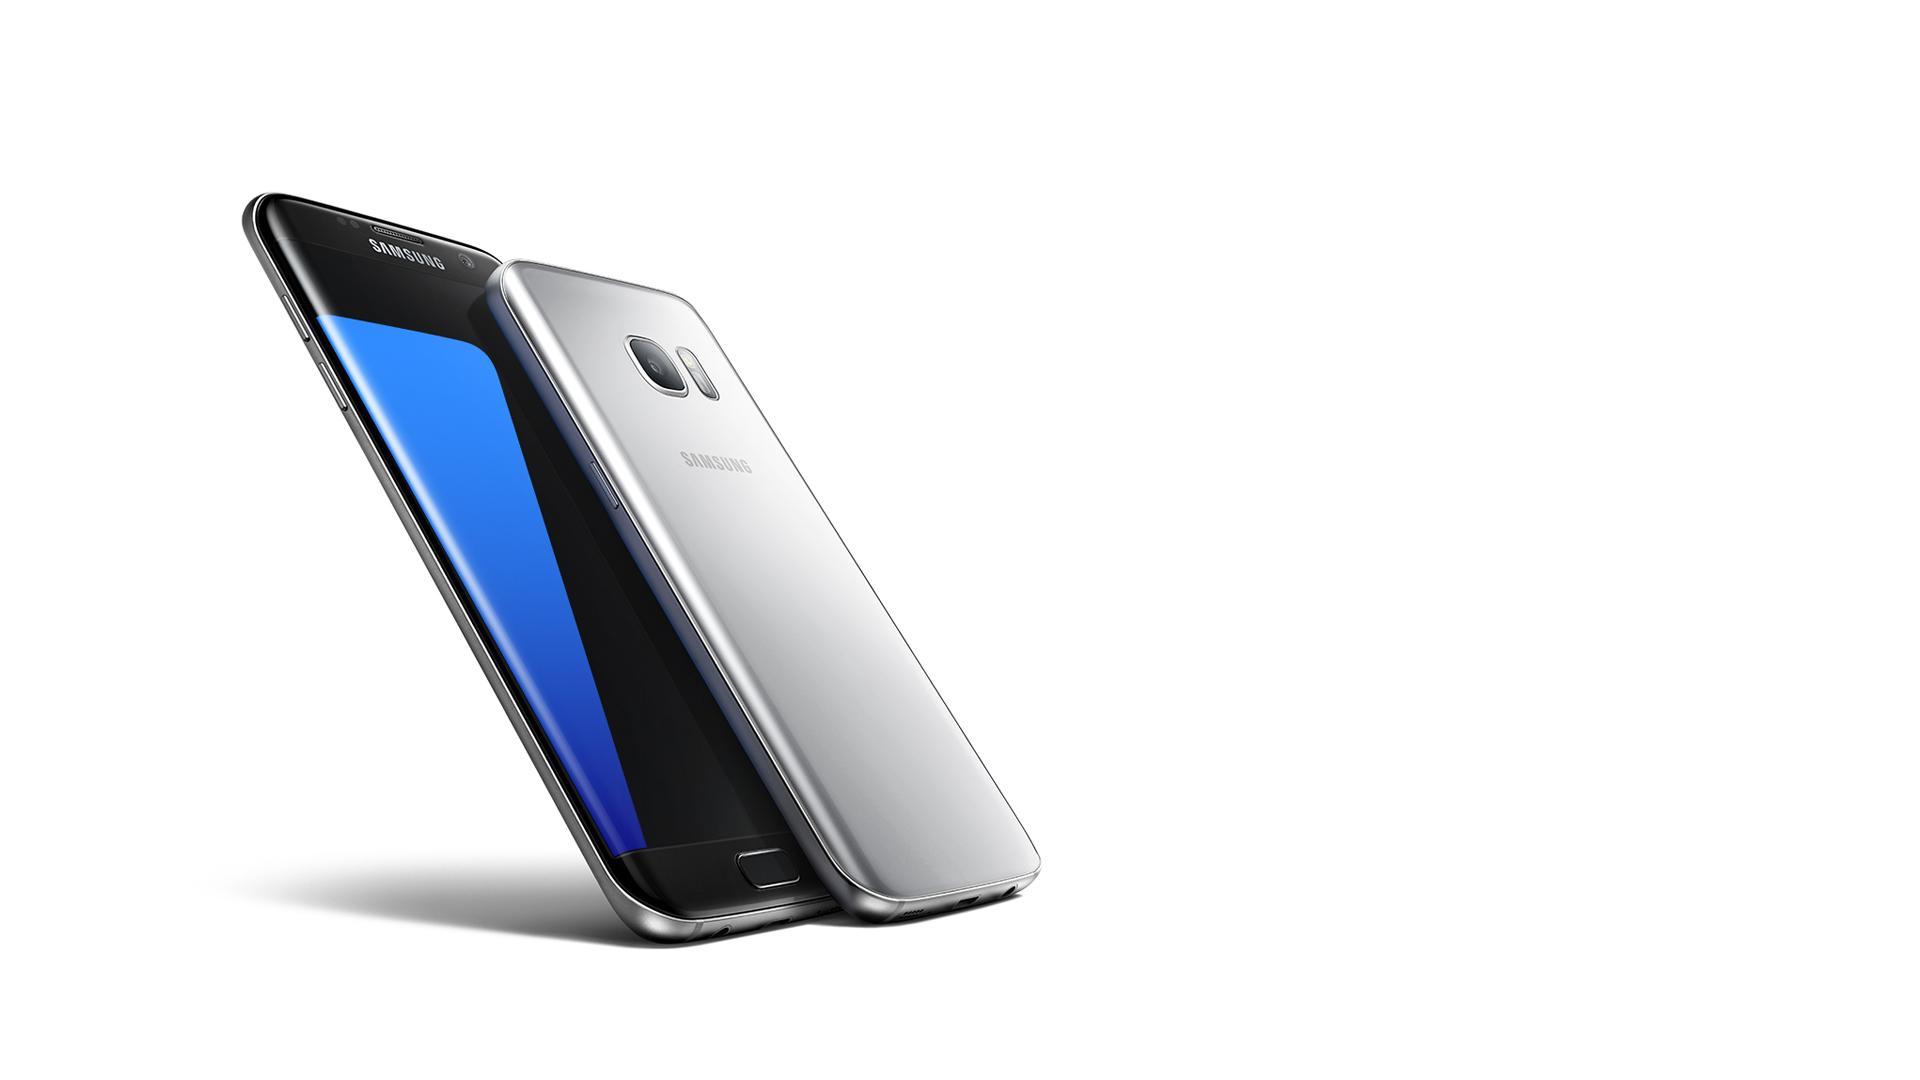 Galaxy Samsung S7